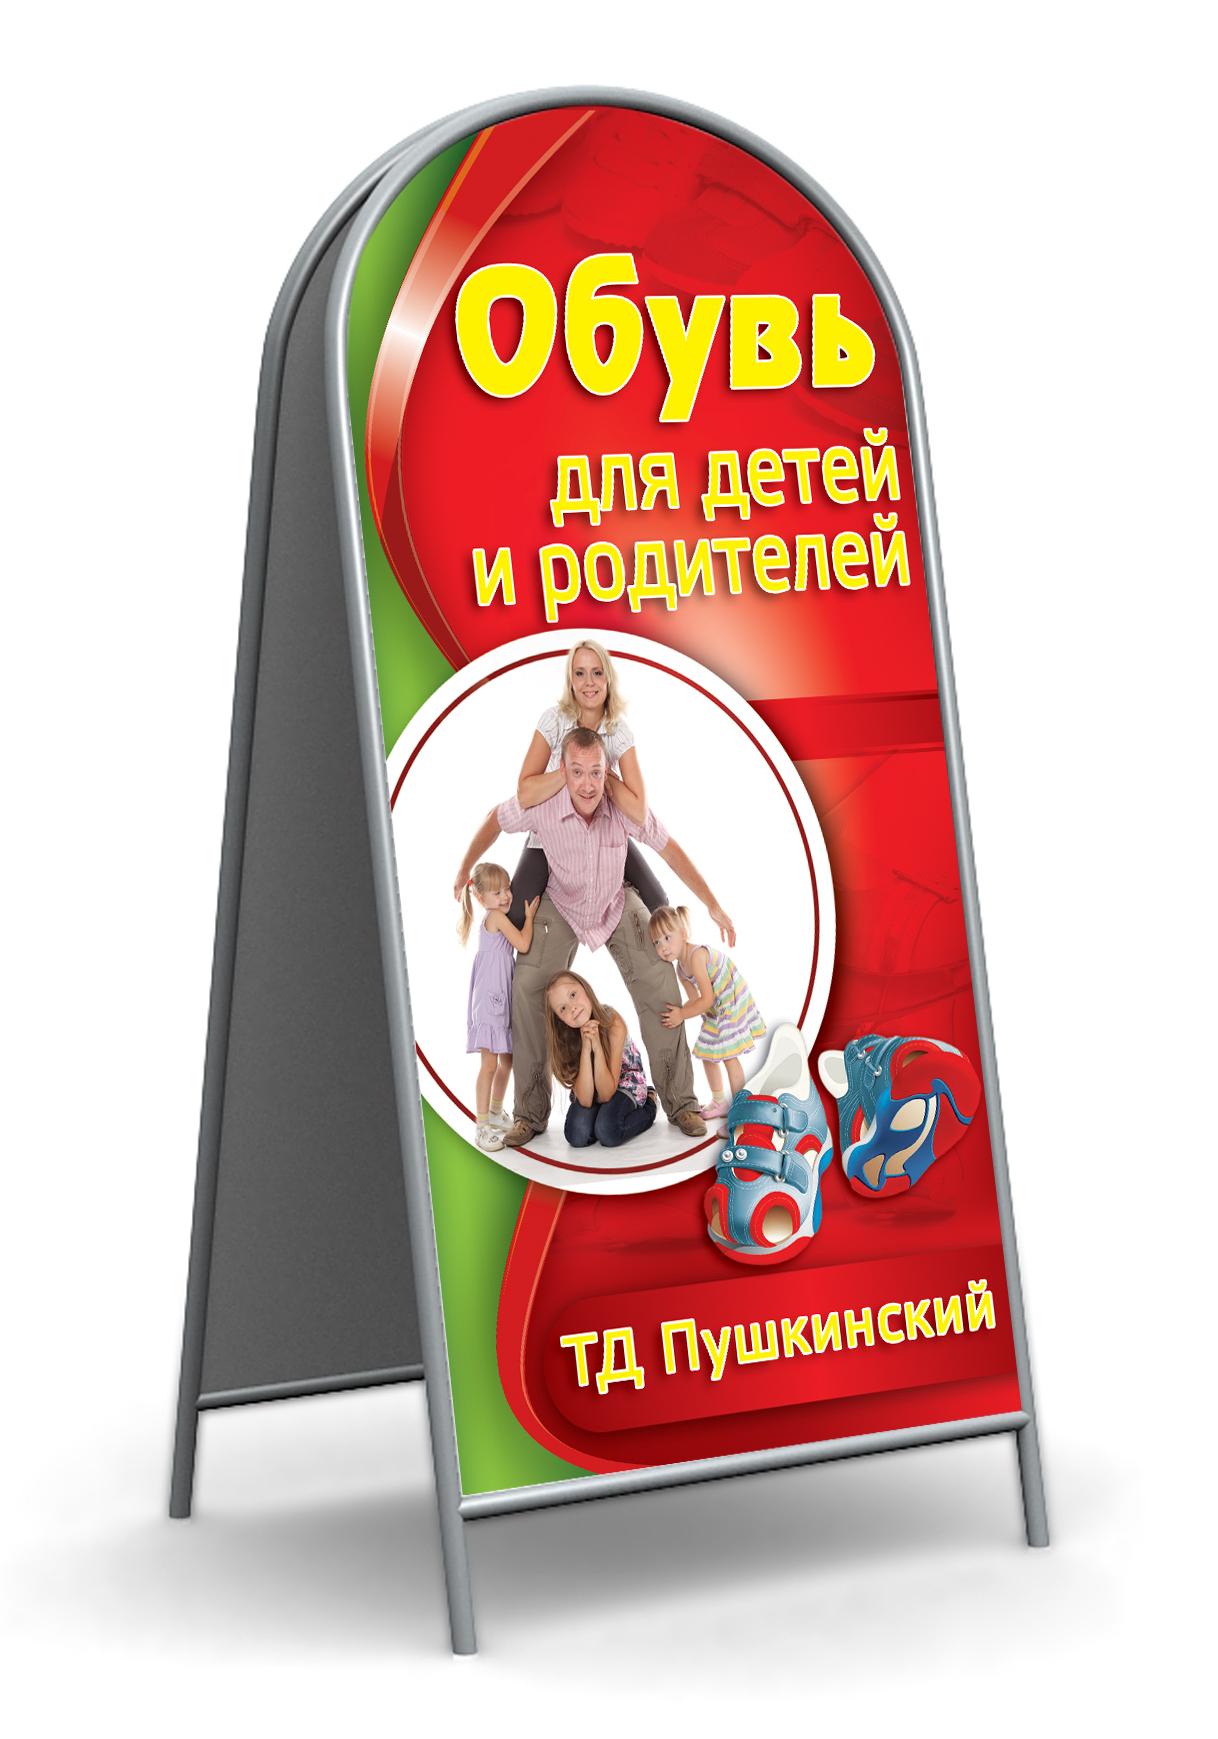 пример картинки рекламы одежды на штендере поиска